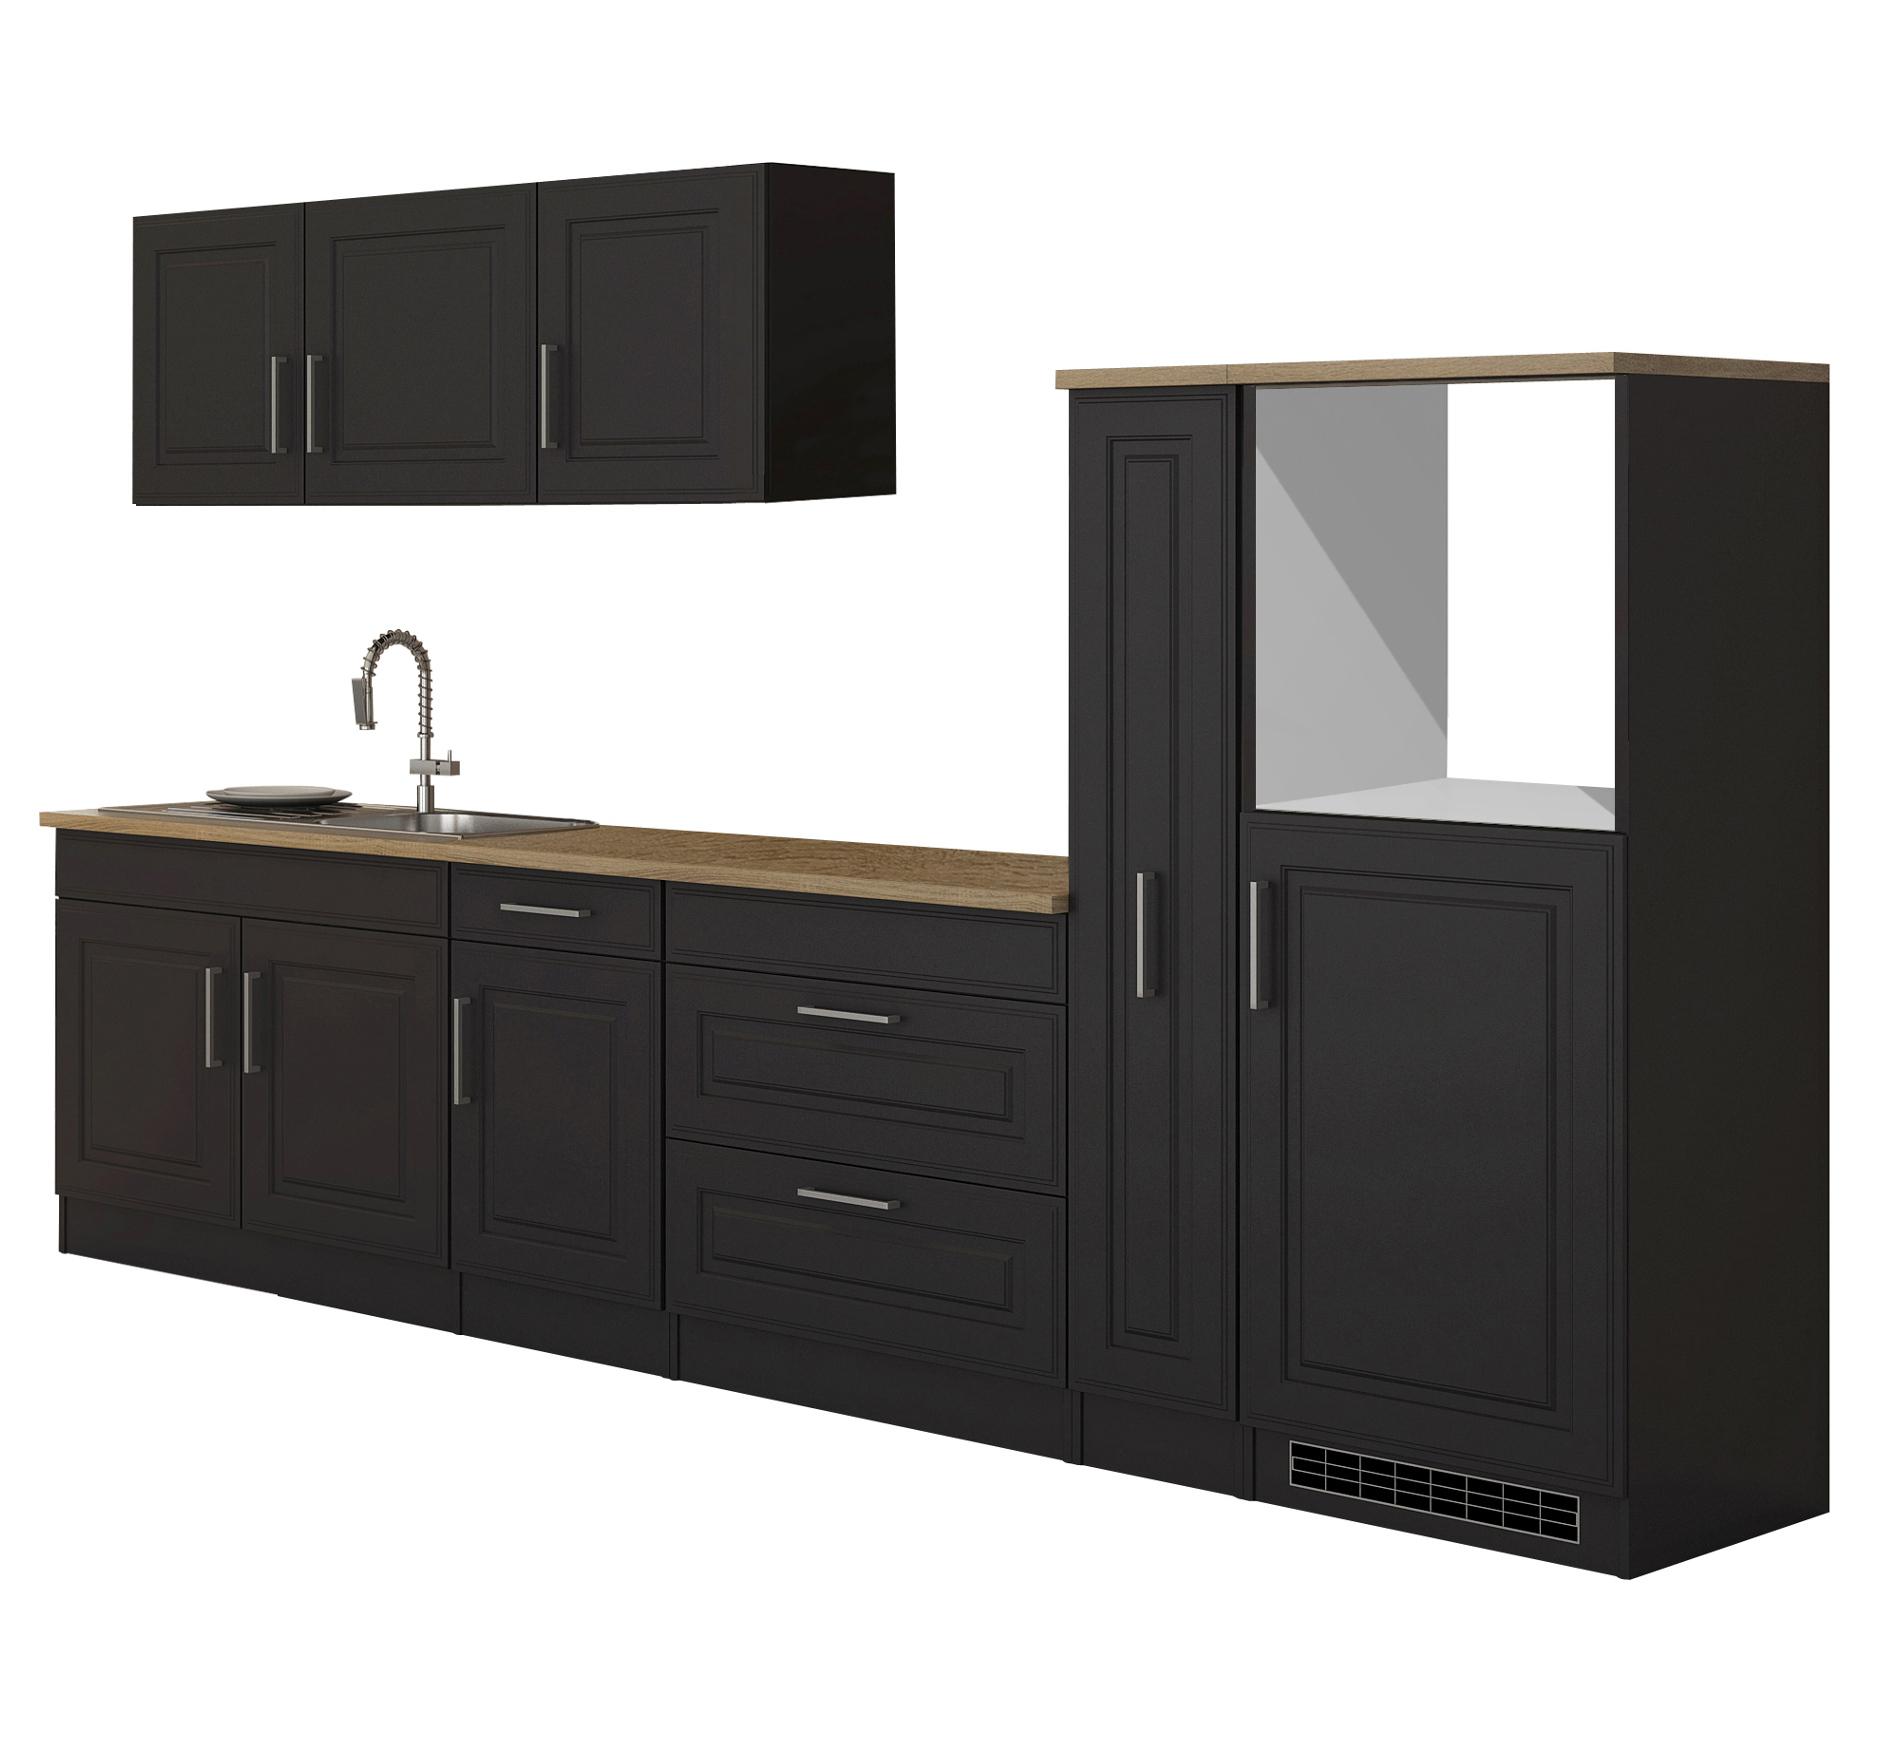 Details zu Küchenzeile Landhaus Einbauküche ohne Elektrogeräte Küche ohne  Geräte 320cm grau